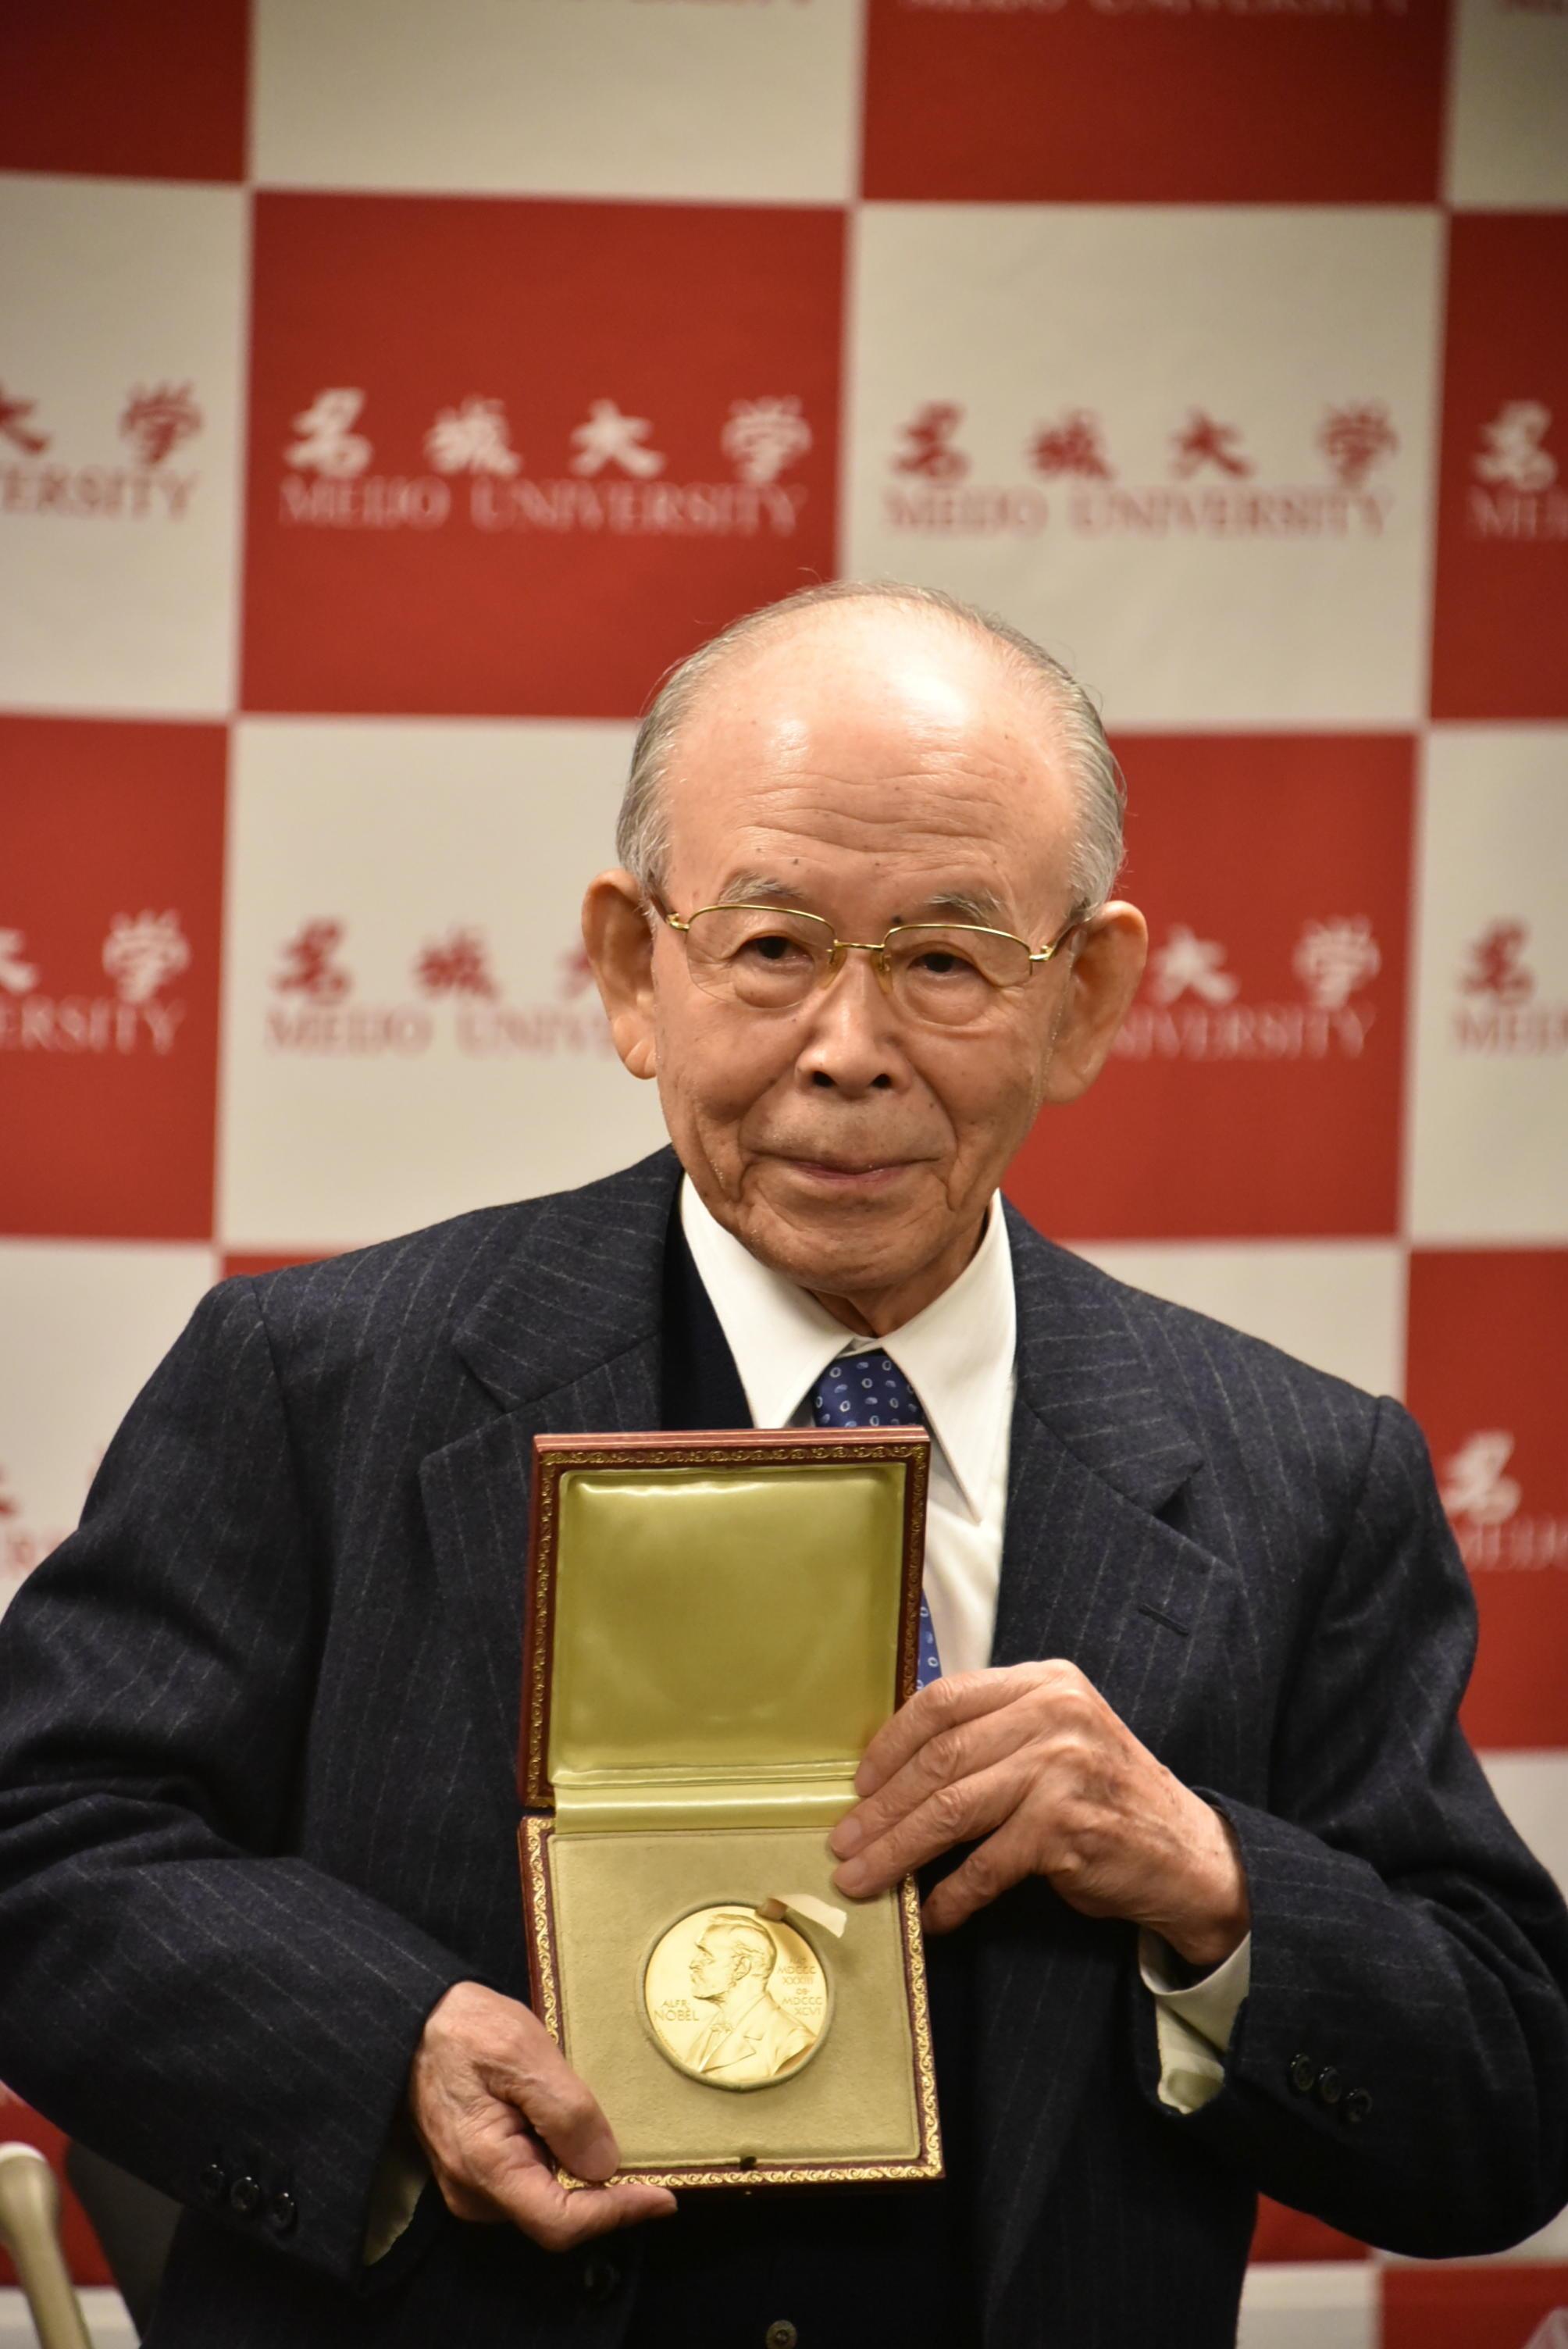 2014年、ノーベル賞のメダルを披露する赤﨑勇終身教授・特別栄誉教授